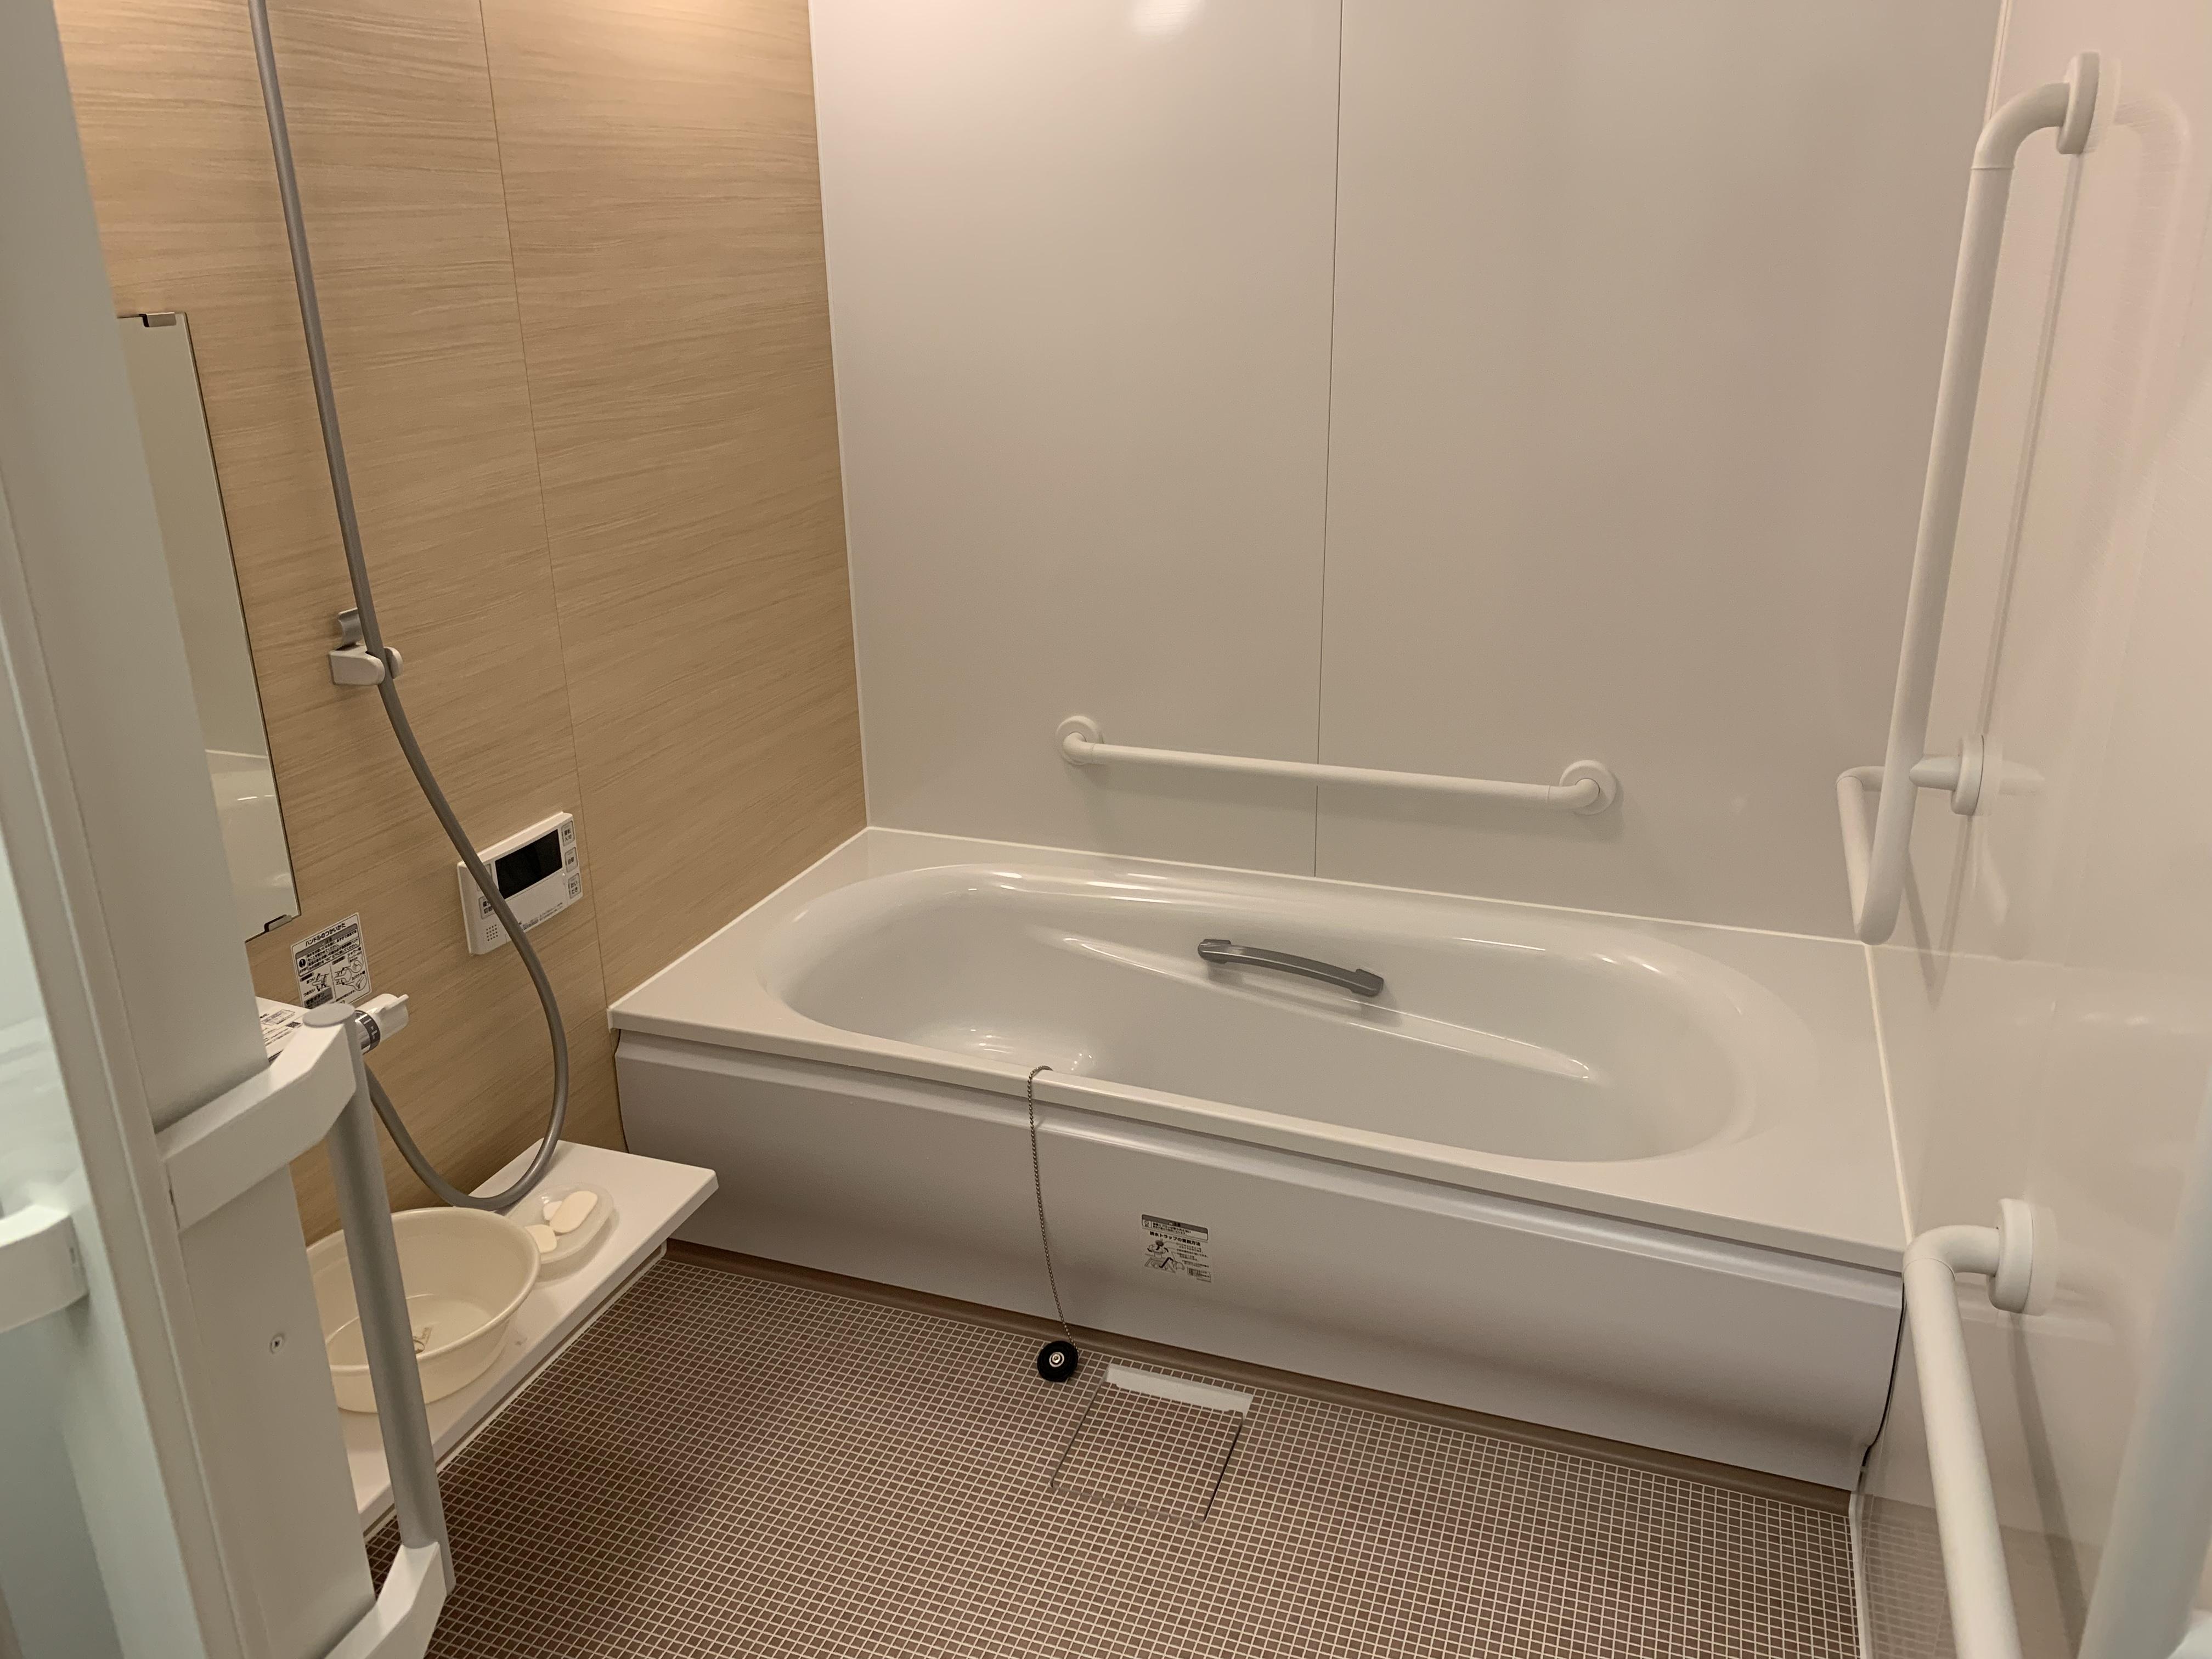 デイサービスゆたかなビレッジ 浴室改装しました。